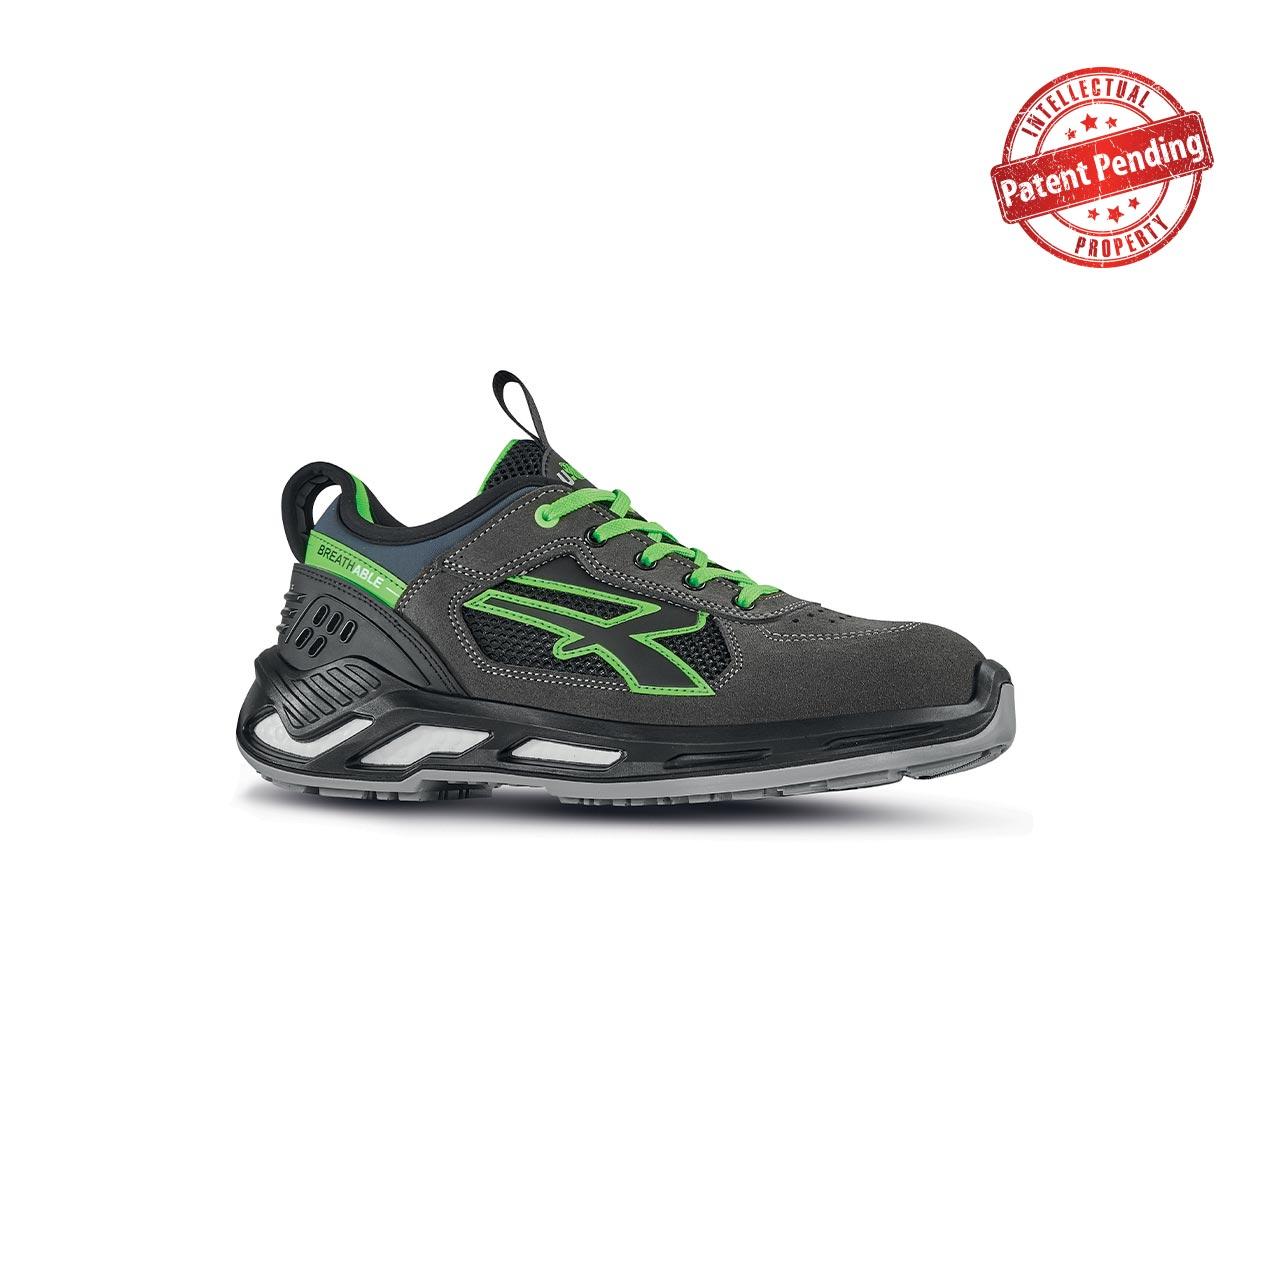 scarpa antinfortunistica upower modello negan linea red360 vista laterale